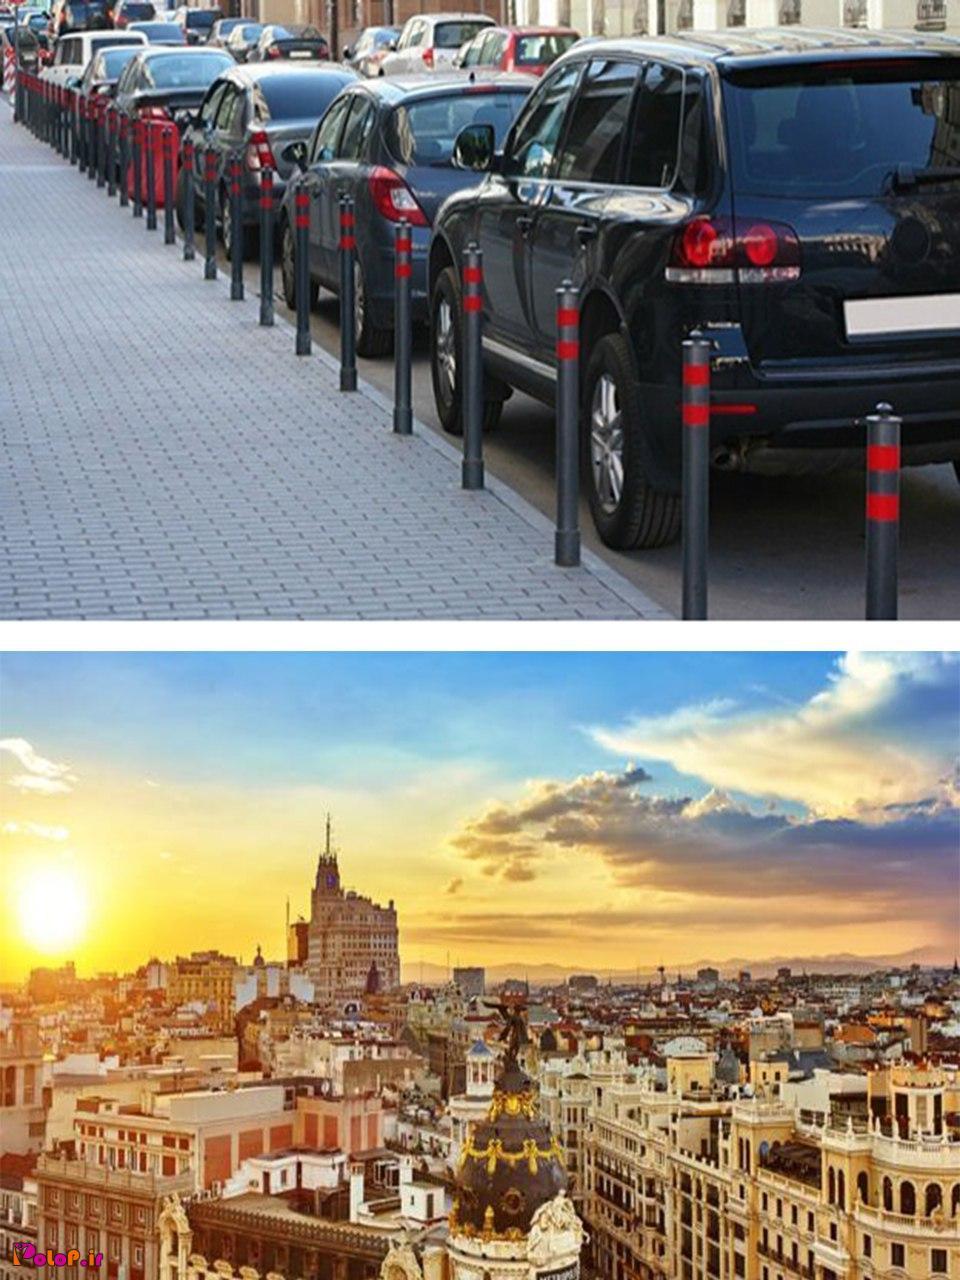 در برخی از شهرهای اسپانیا رانندگان